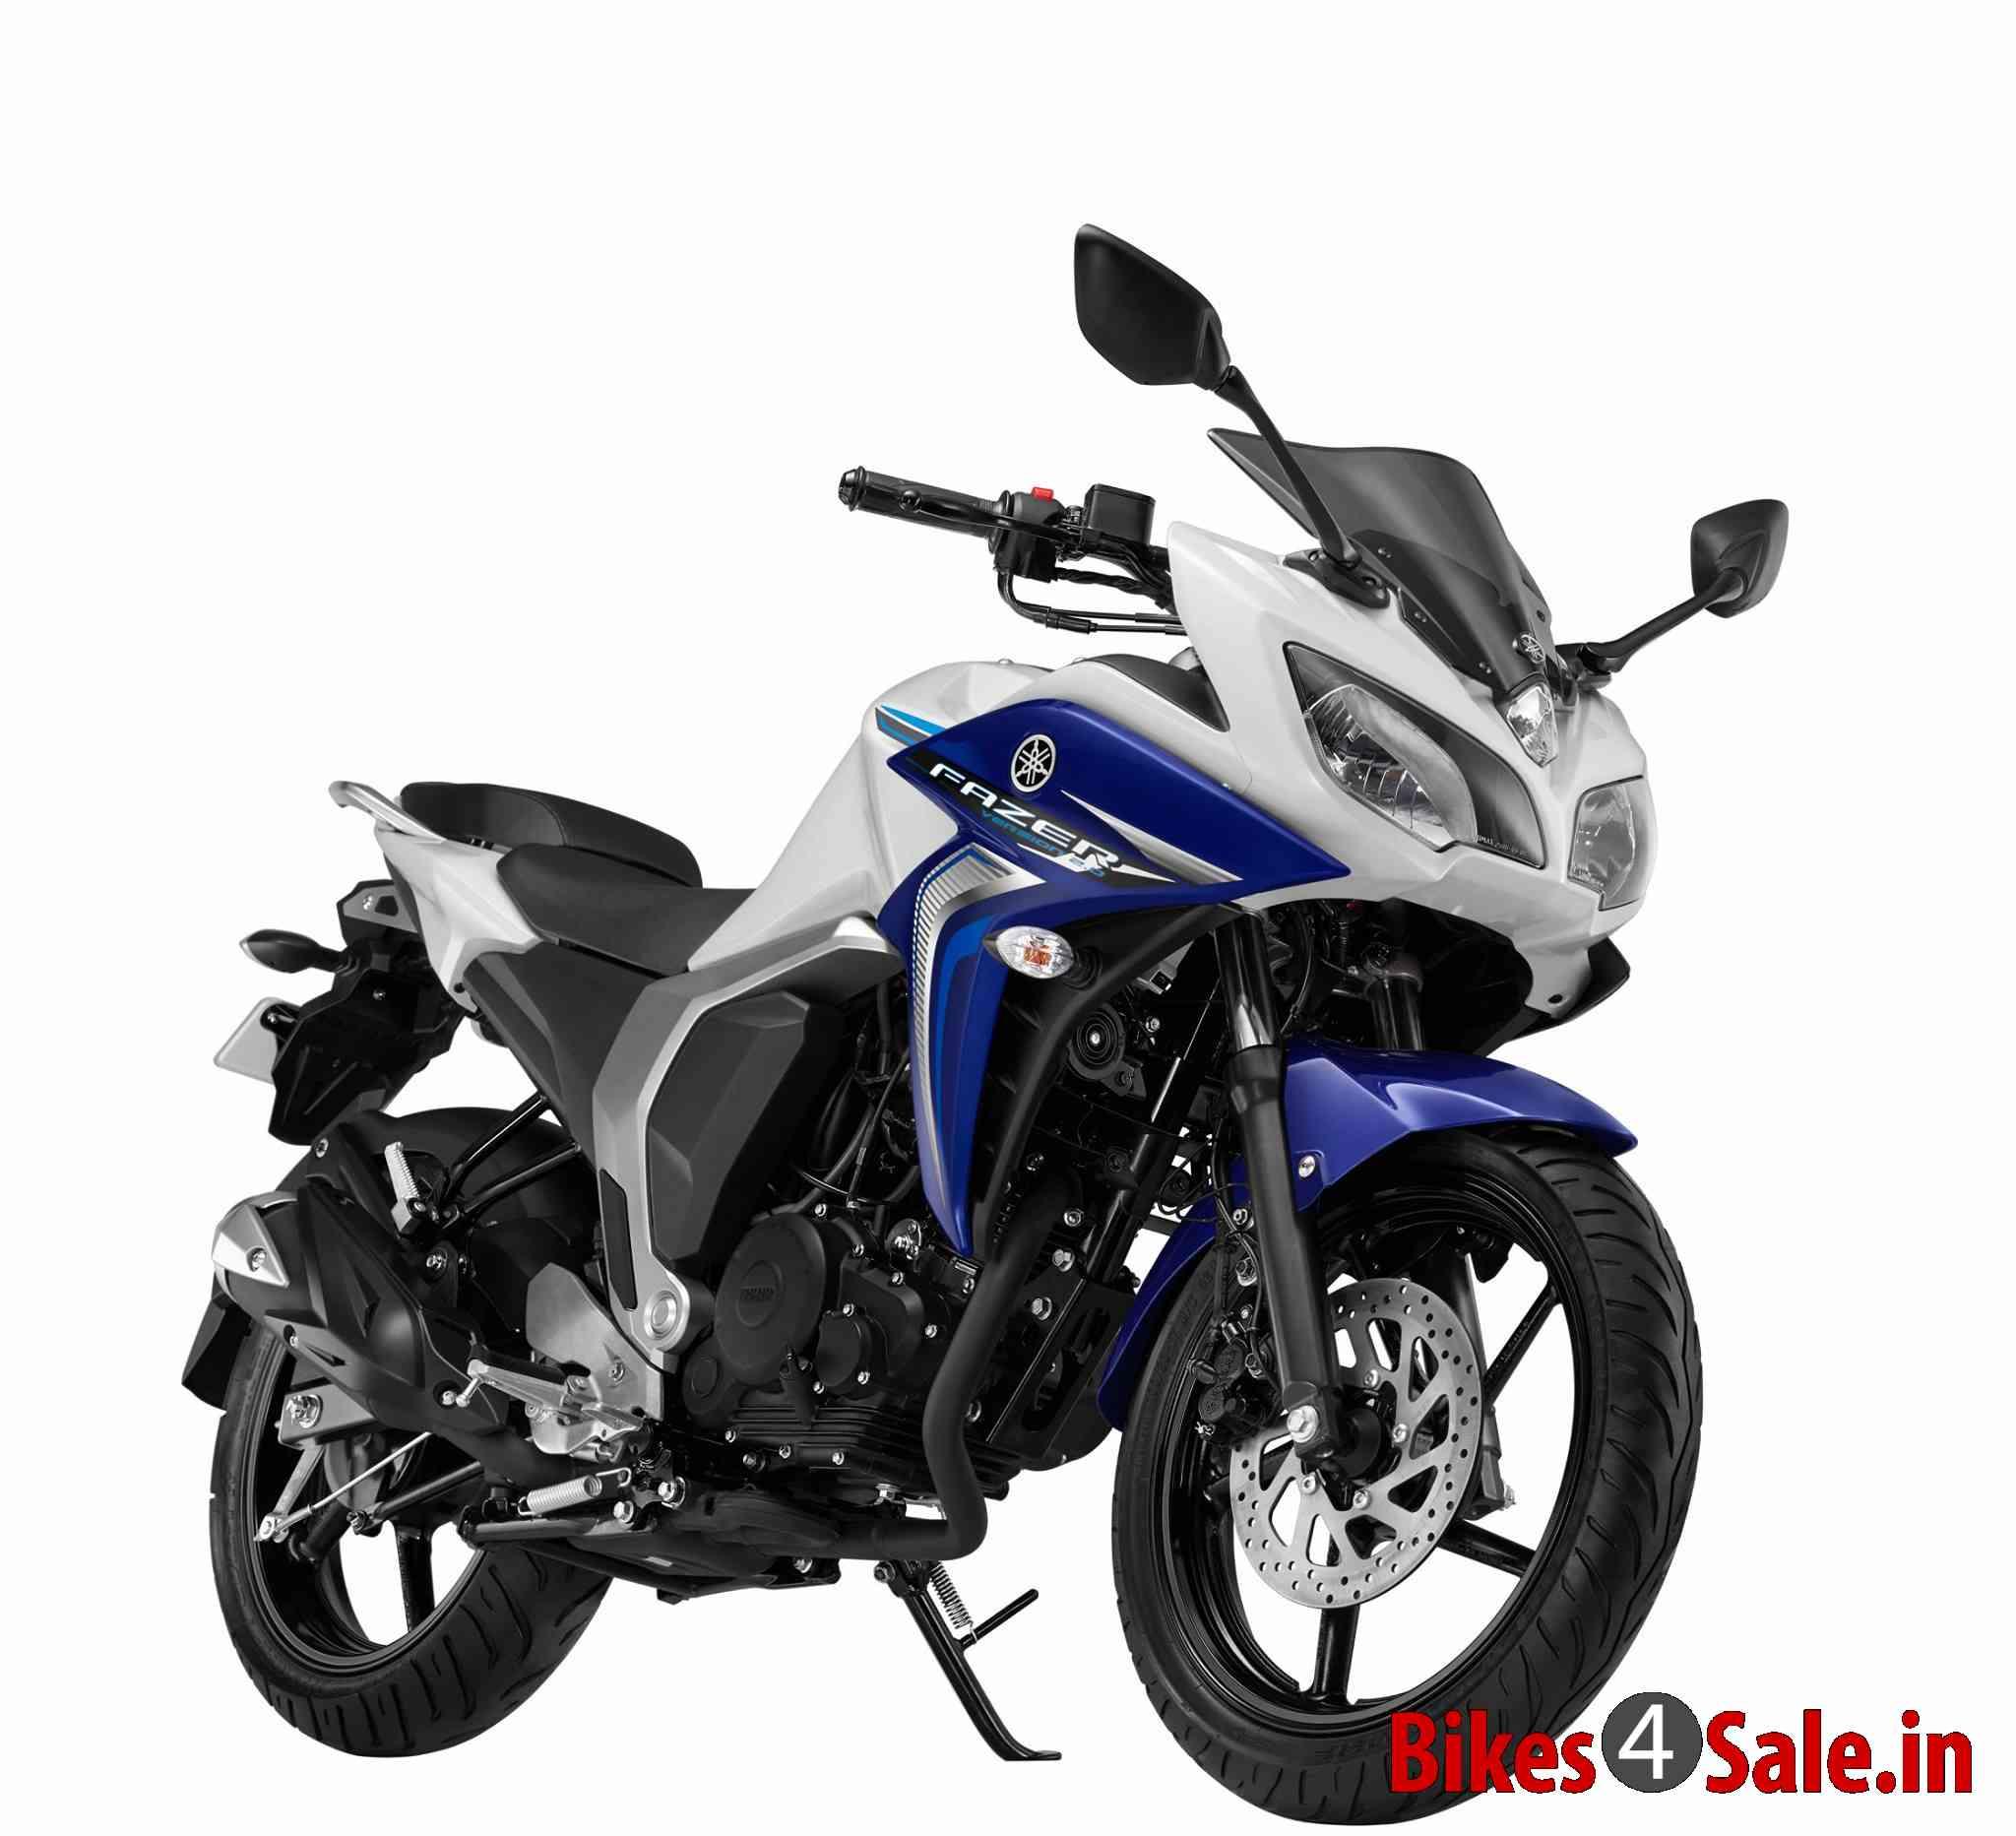 Yamaha Fazer Bike Mileage